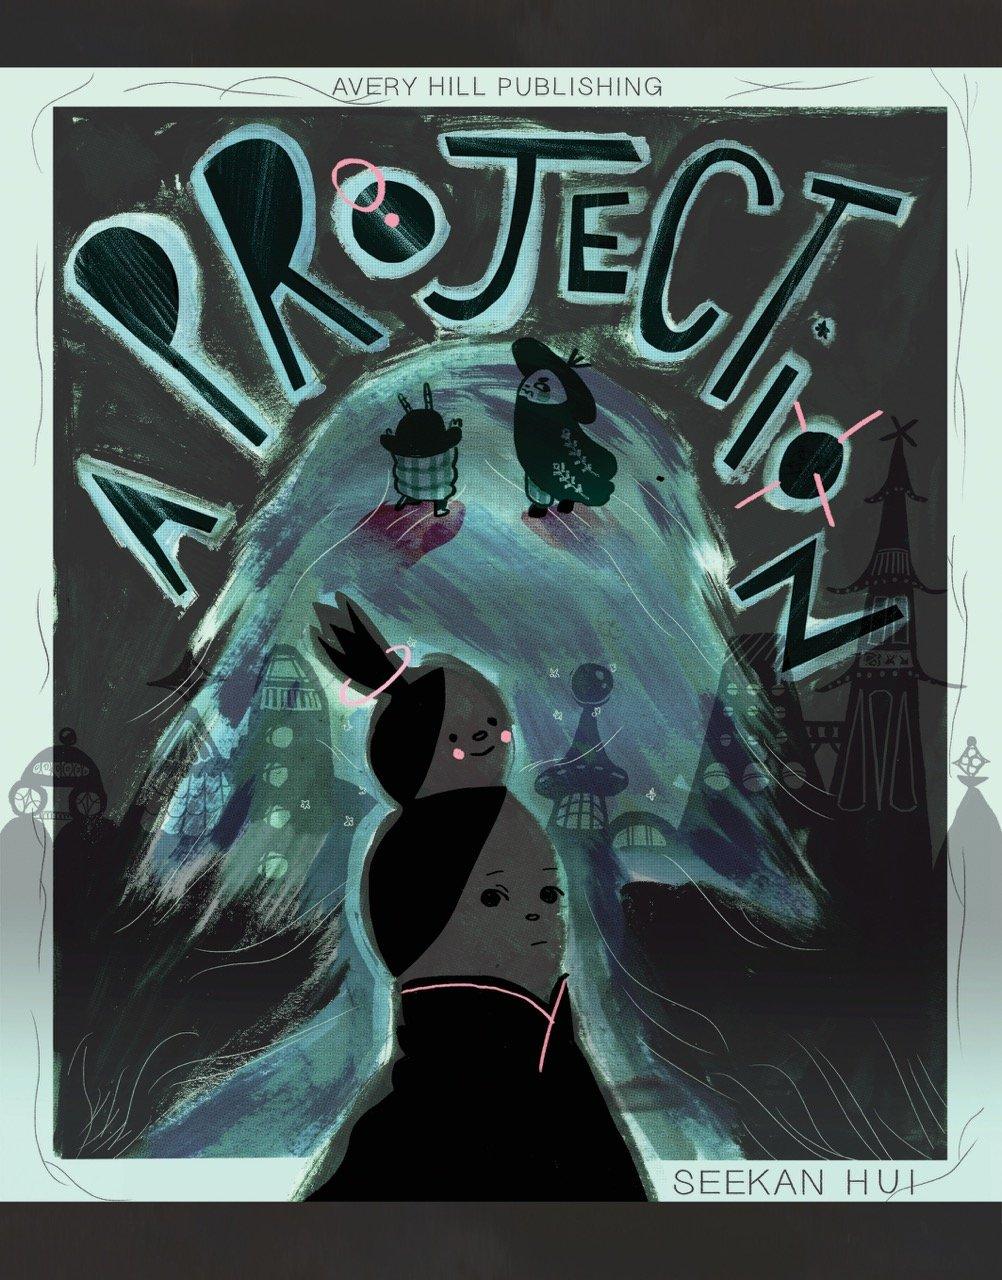 A Projection by Seekan Hui